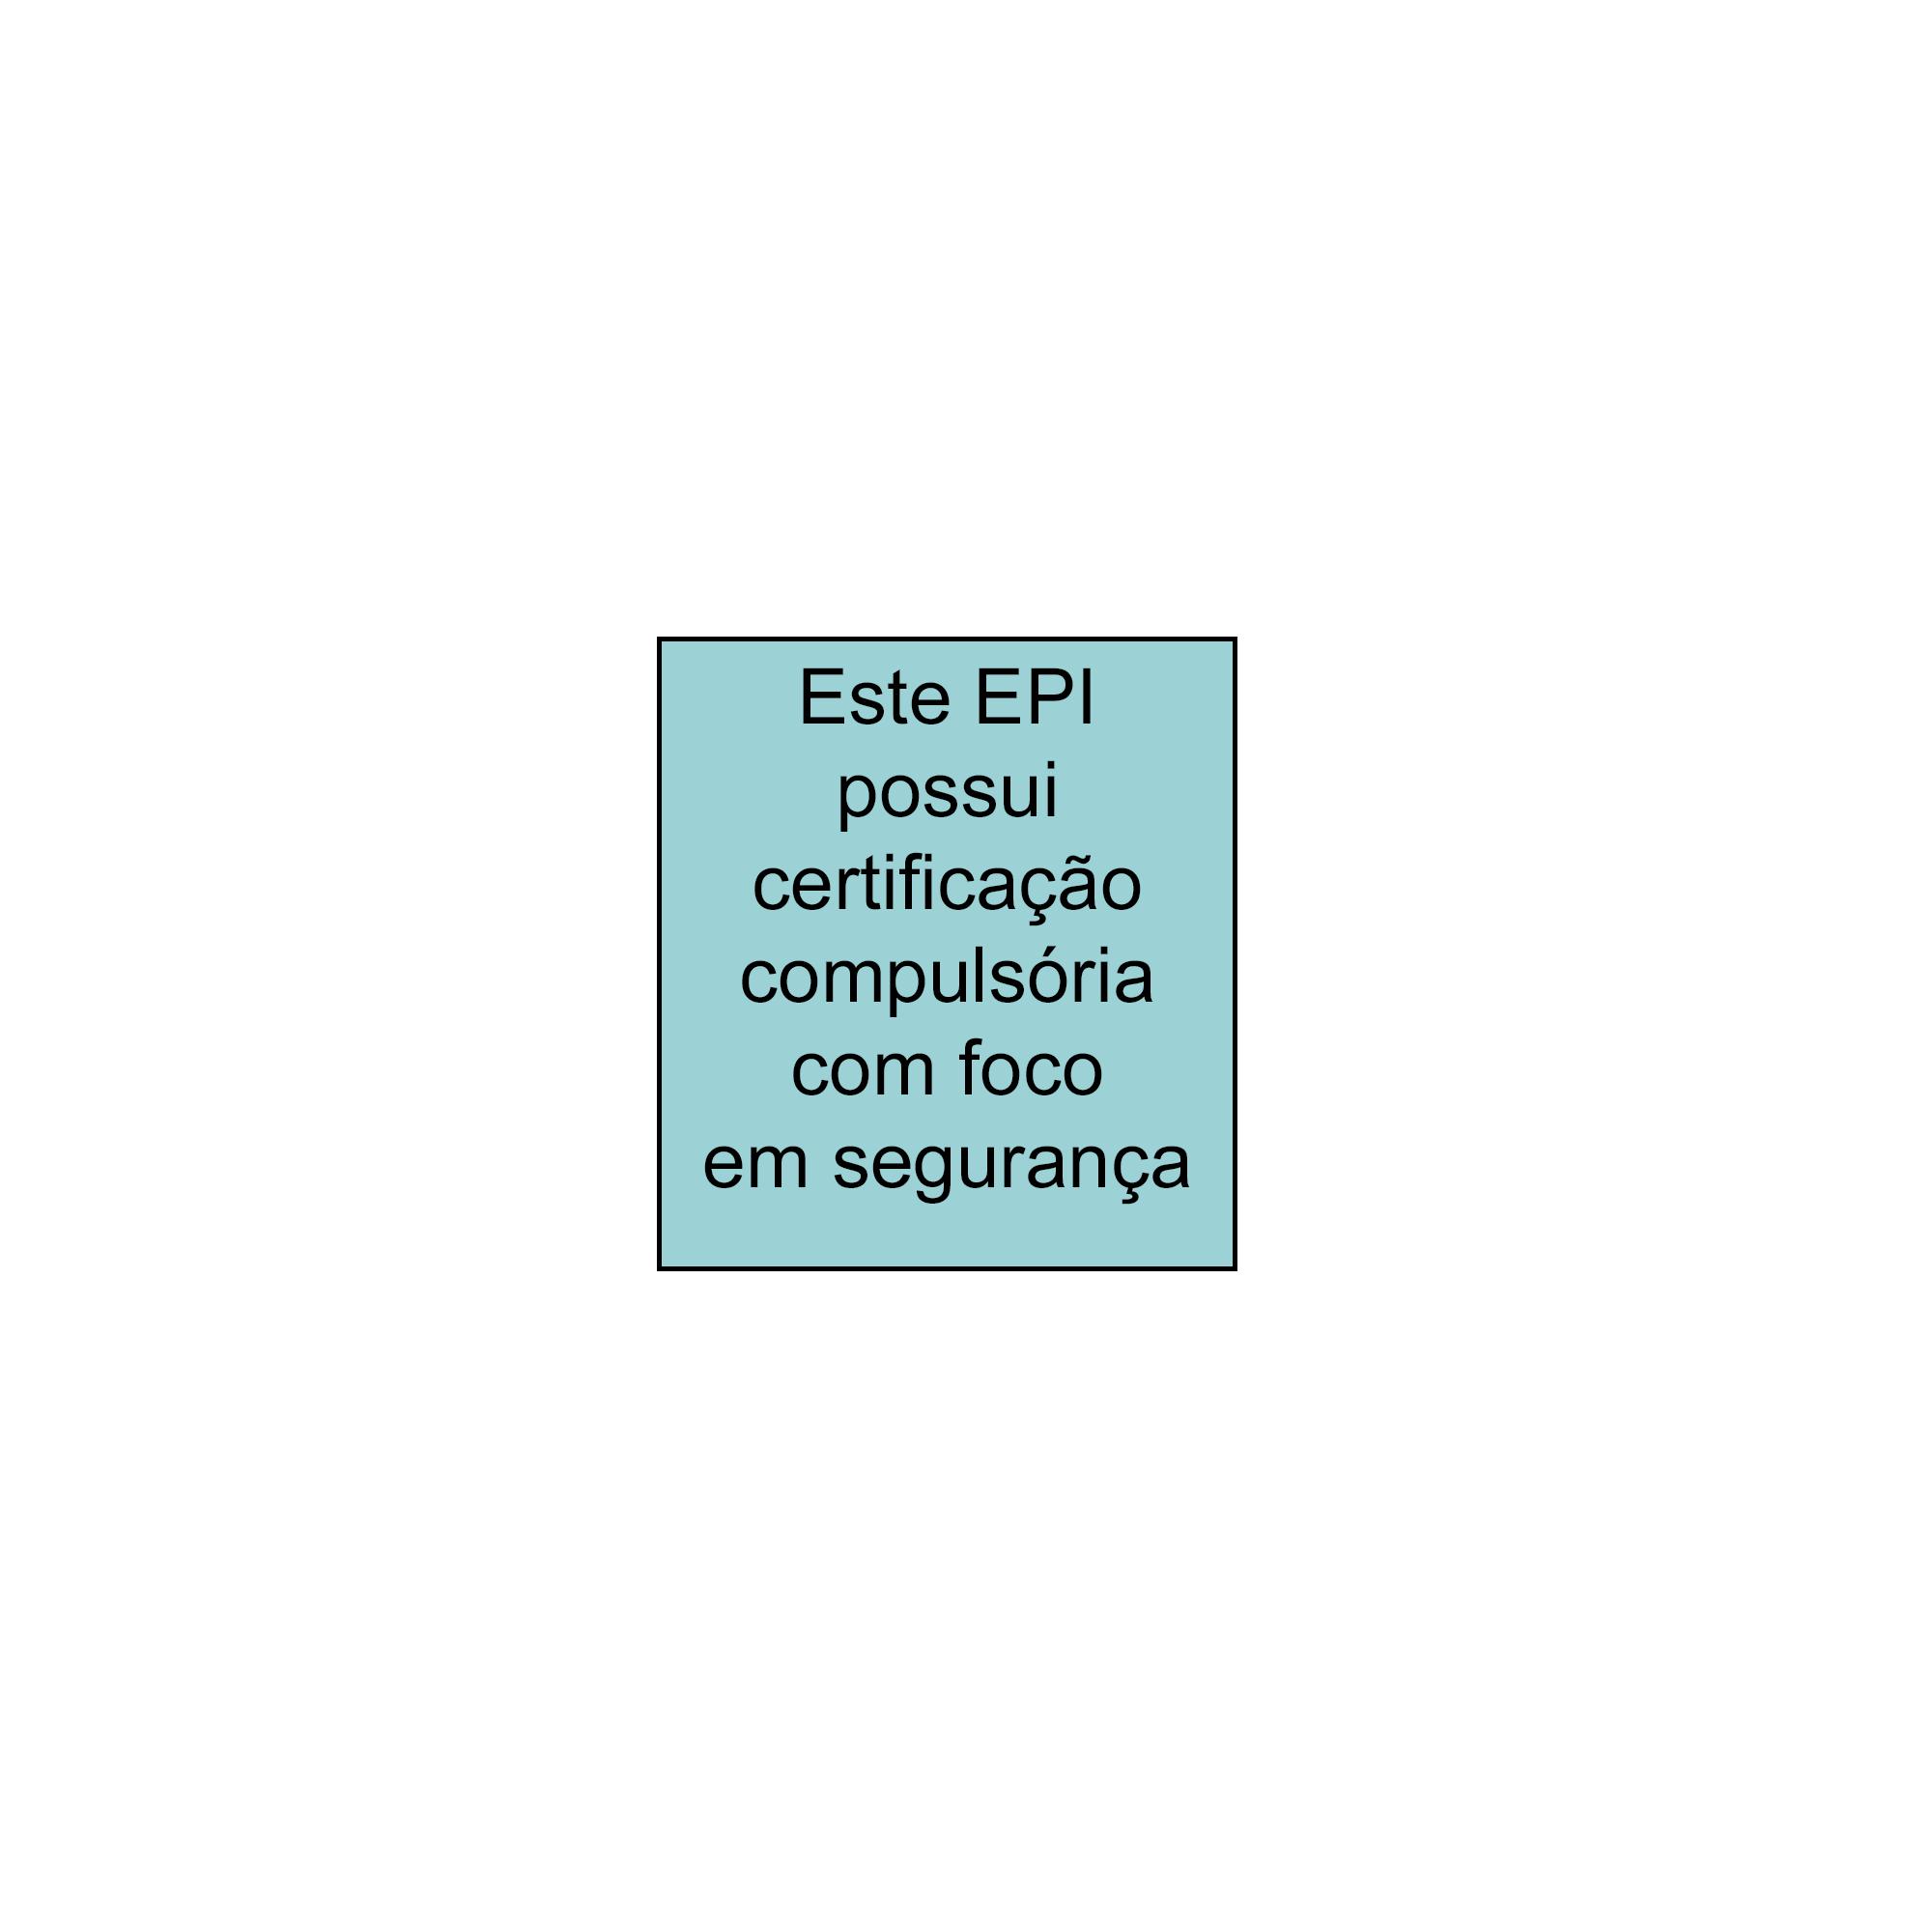 CINTO PARAQUEDISTA COM 5 PONTOS ARGOLAS FITA REFLETIVA FRONTAL REGULAGEM TOTAL PROTEÇÃO LOMBAR MOD. PQ3  - DE PAULA EPIS